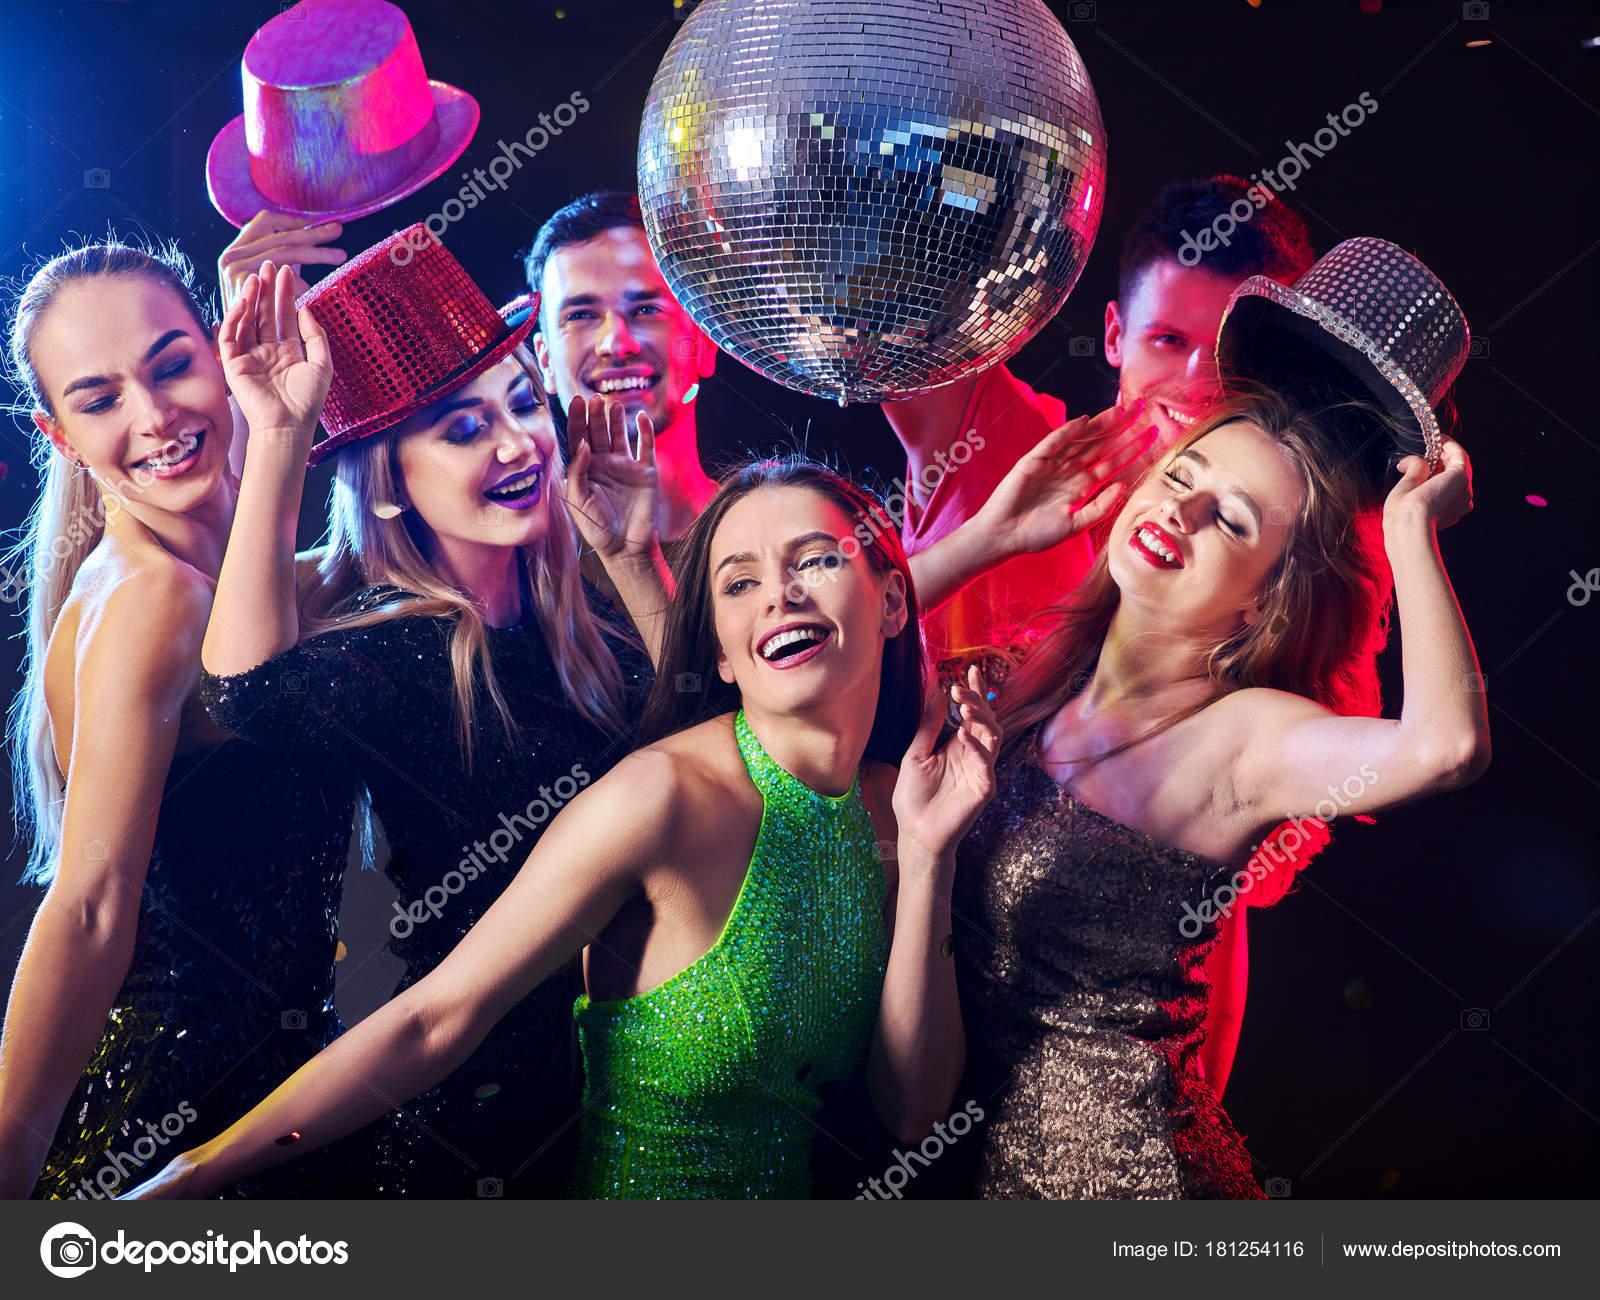 Tanzparty mit Tanzgruppen und Discokugel. — Stockfoto